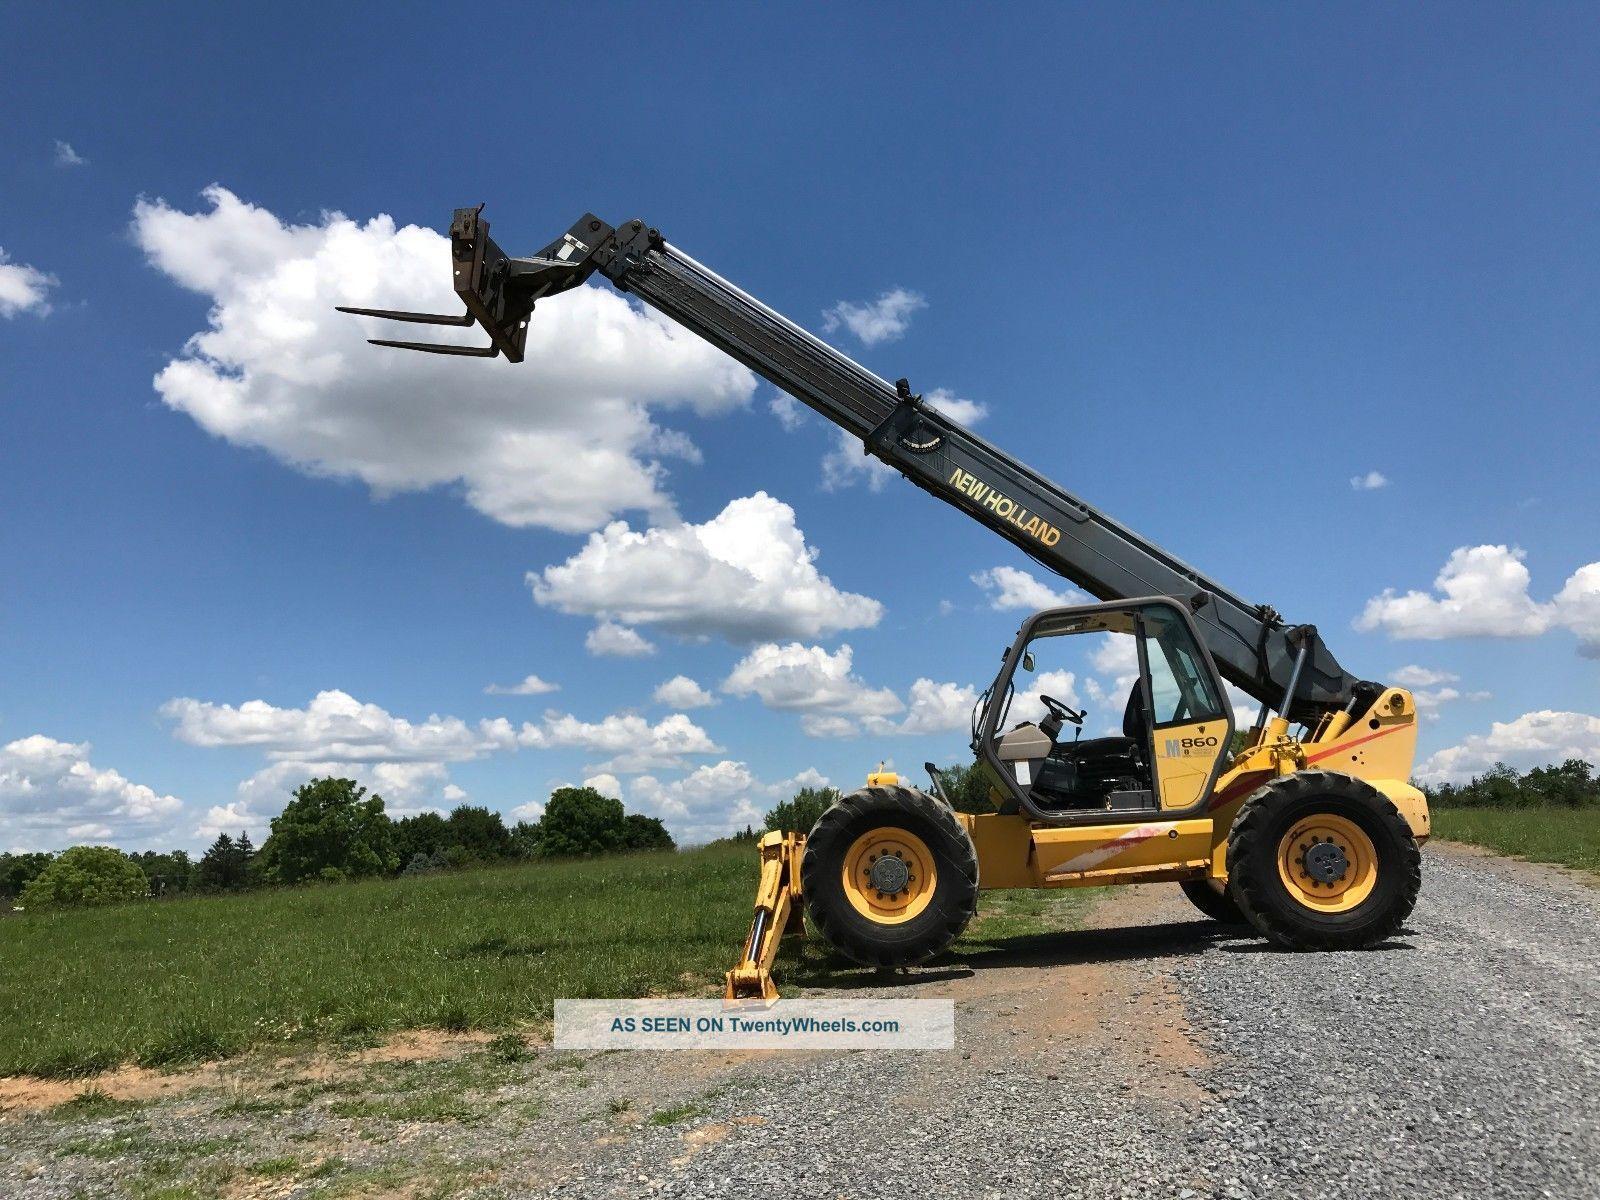 Holland Lm860 Telehandler 10,  000 Lb Capacity Diesel Loader 4 X 4 Bob Cat Forklifts photo